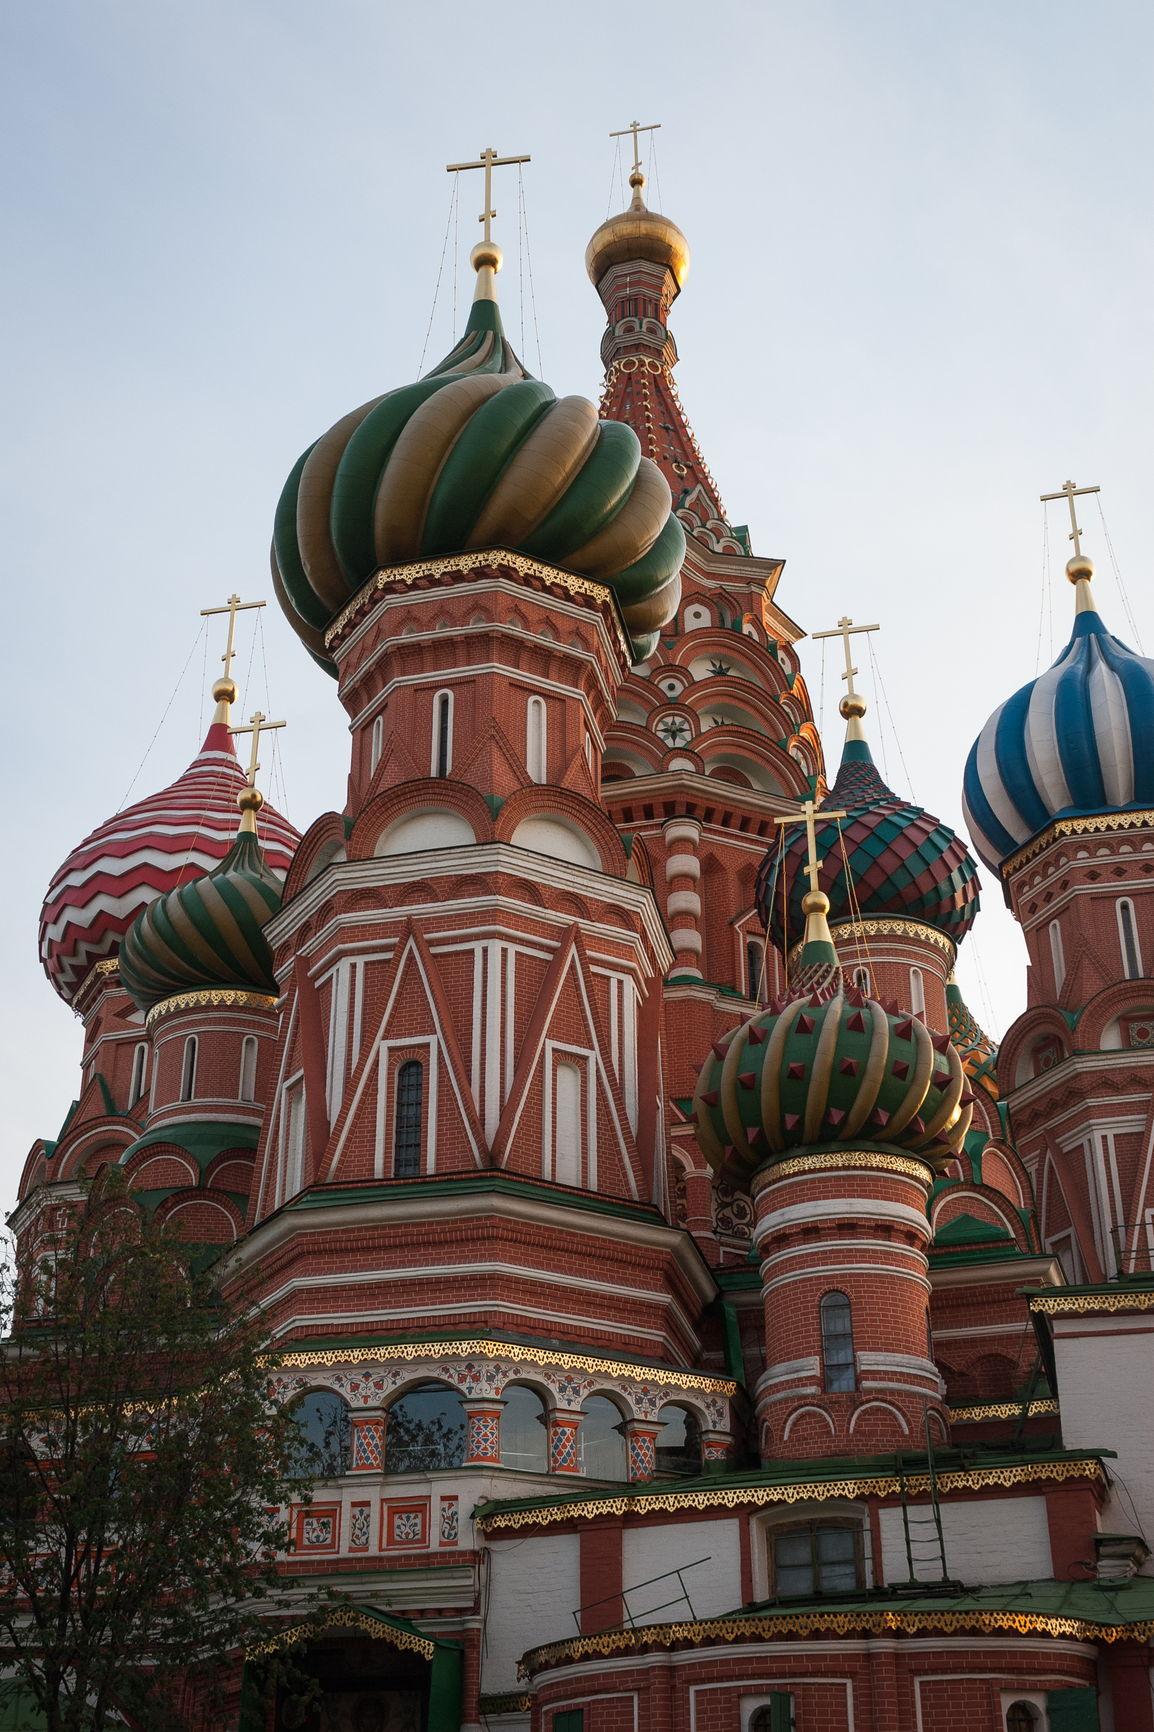 Восточный фасад Покровского собора: в центре находится церковь Святой Живоначальной Троицы